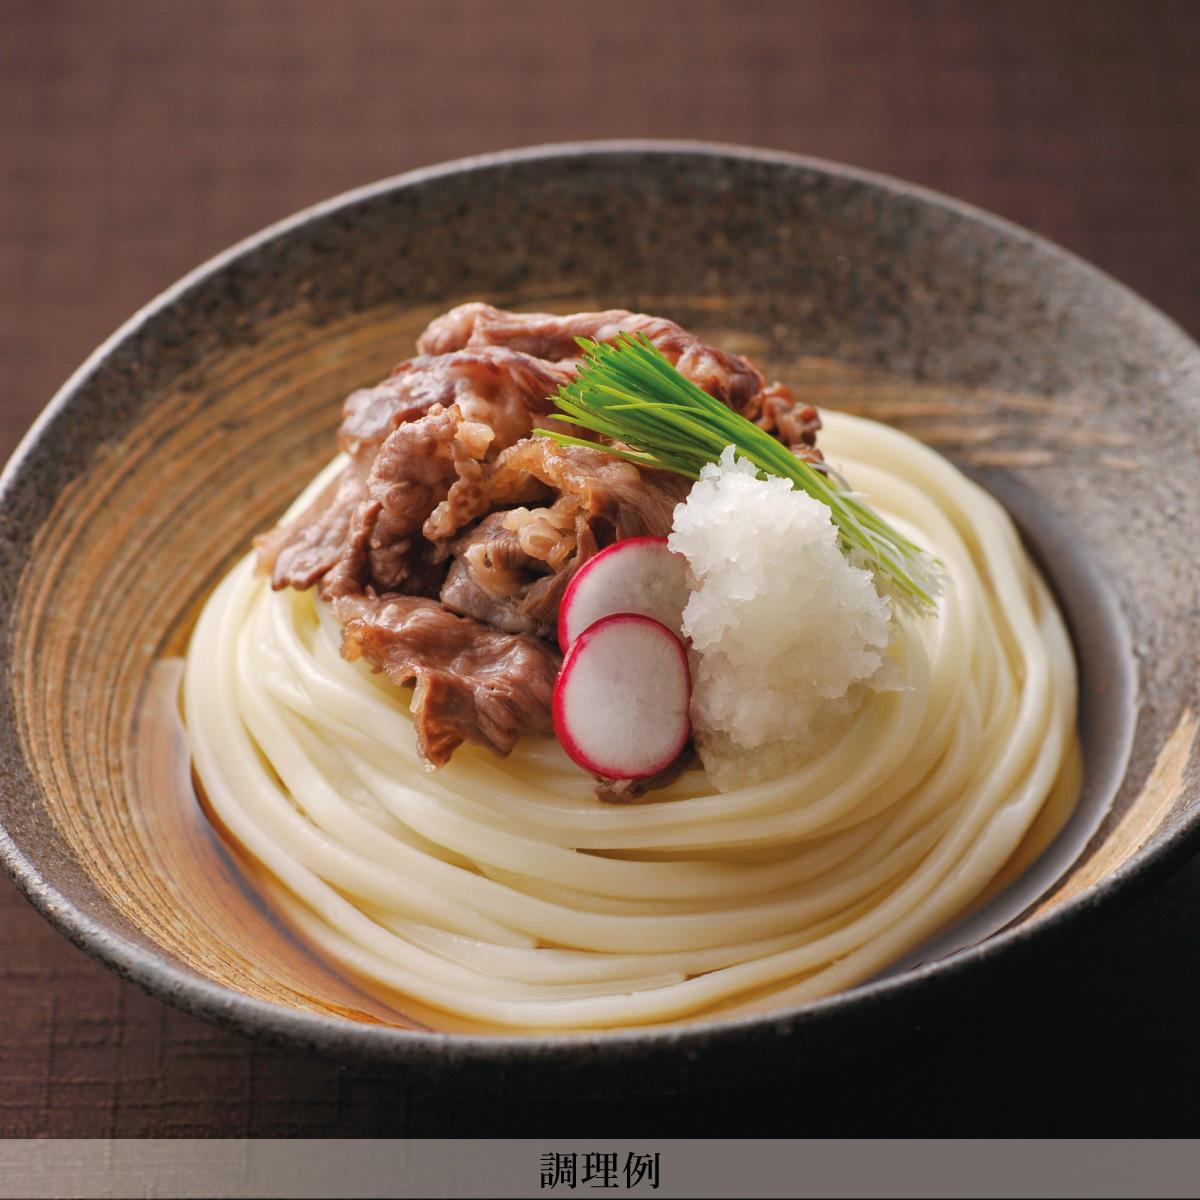 日本小麦倶楽部 半生讃岐うどん包丁切り(10袋)